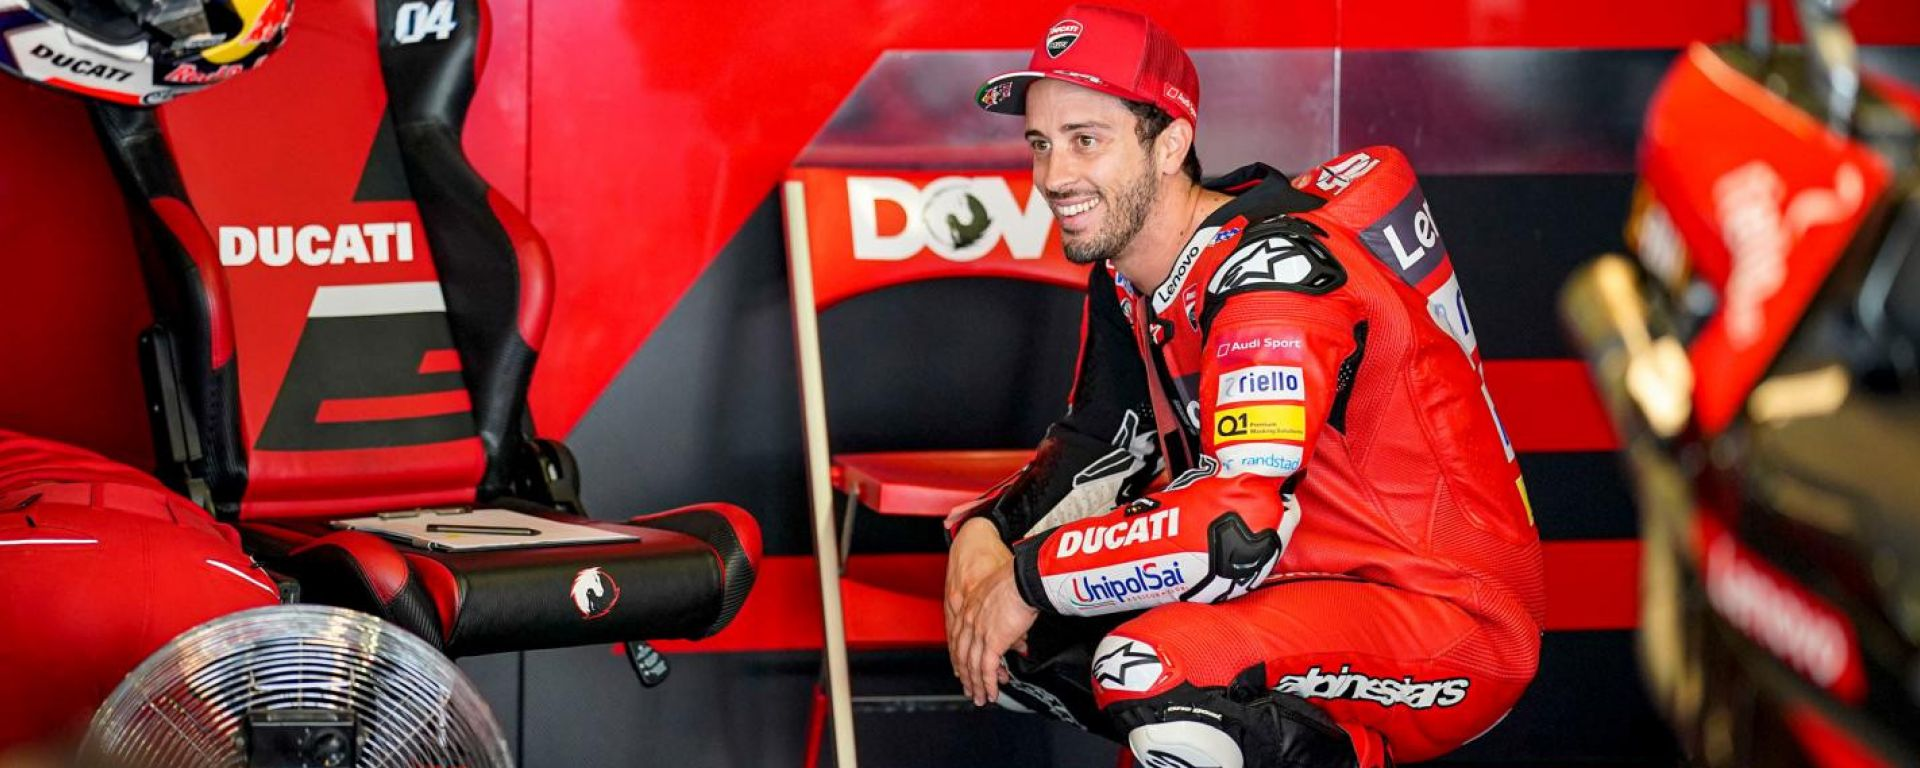 Andrea Dovizioso nel 2020 con Ducati